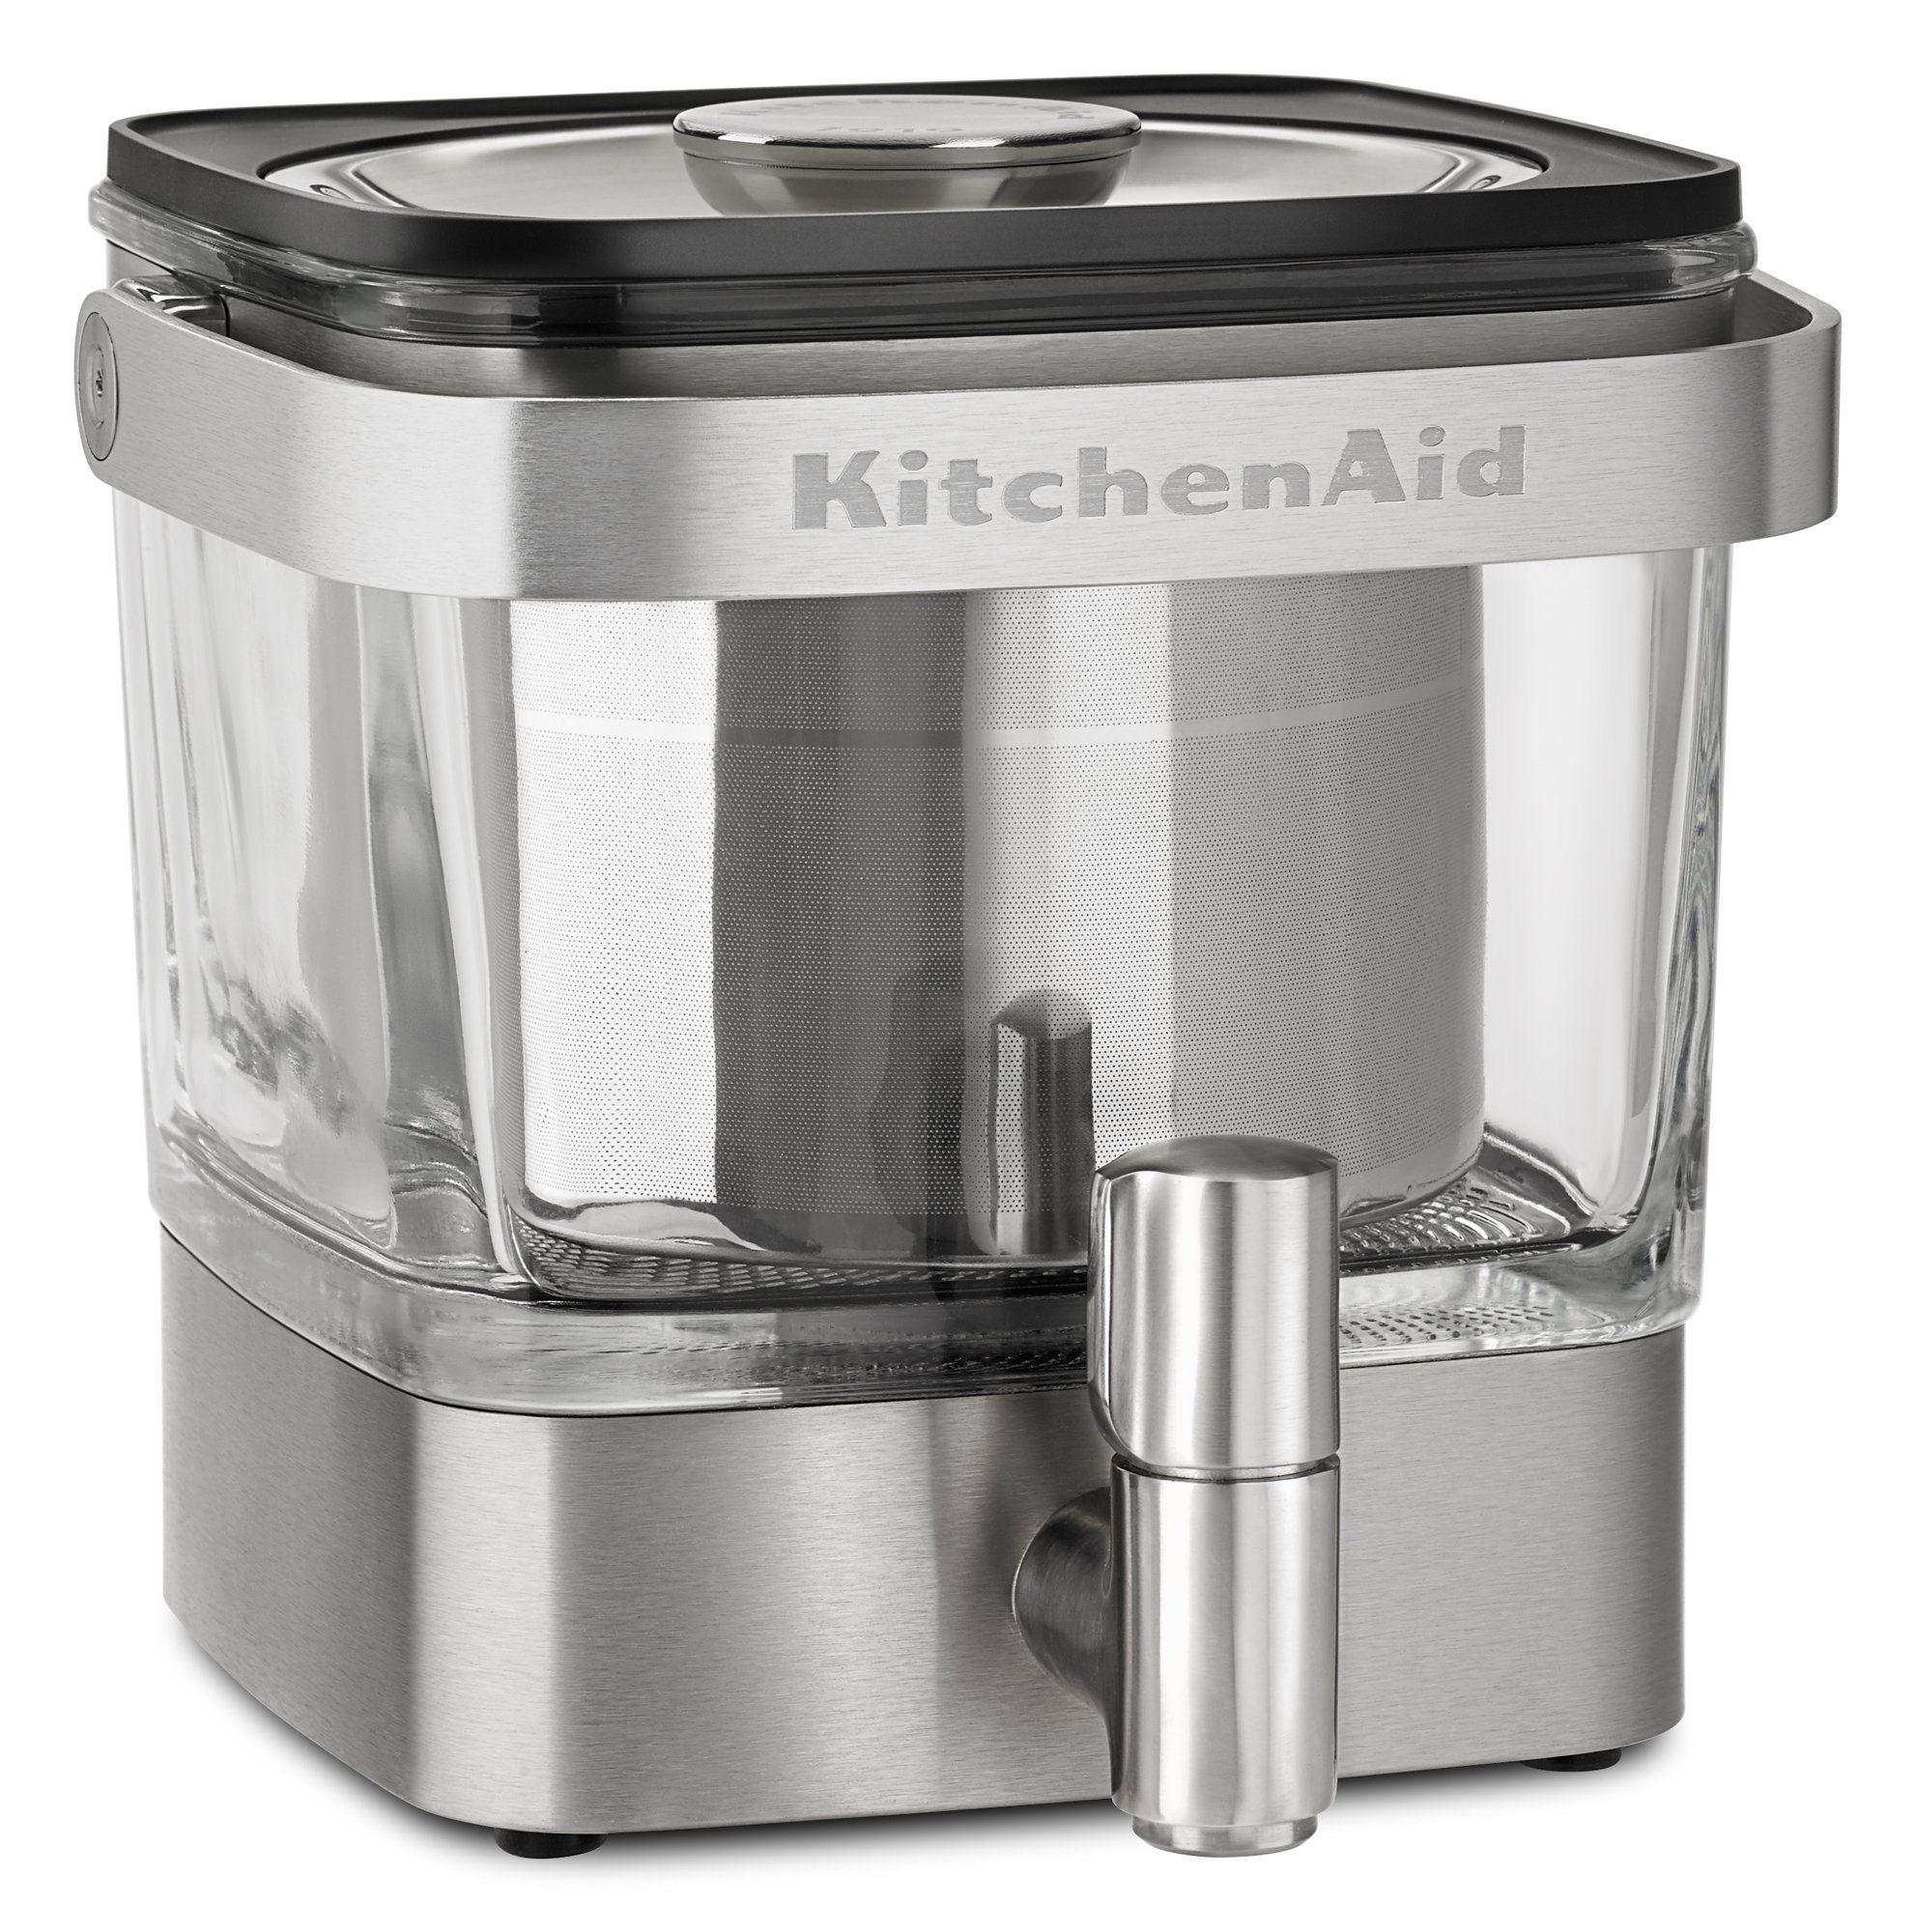 Fantastisch Küchenhilfe Kaffeemaschine Bilder - Ideen Für Die Küche ...